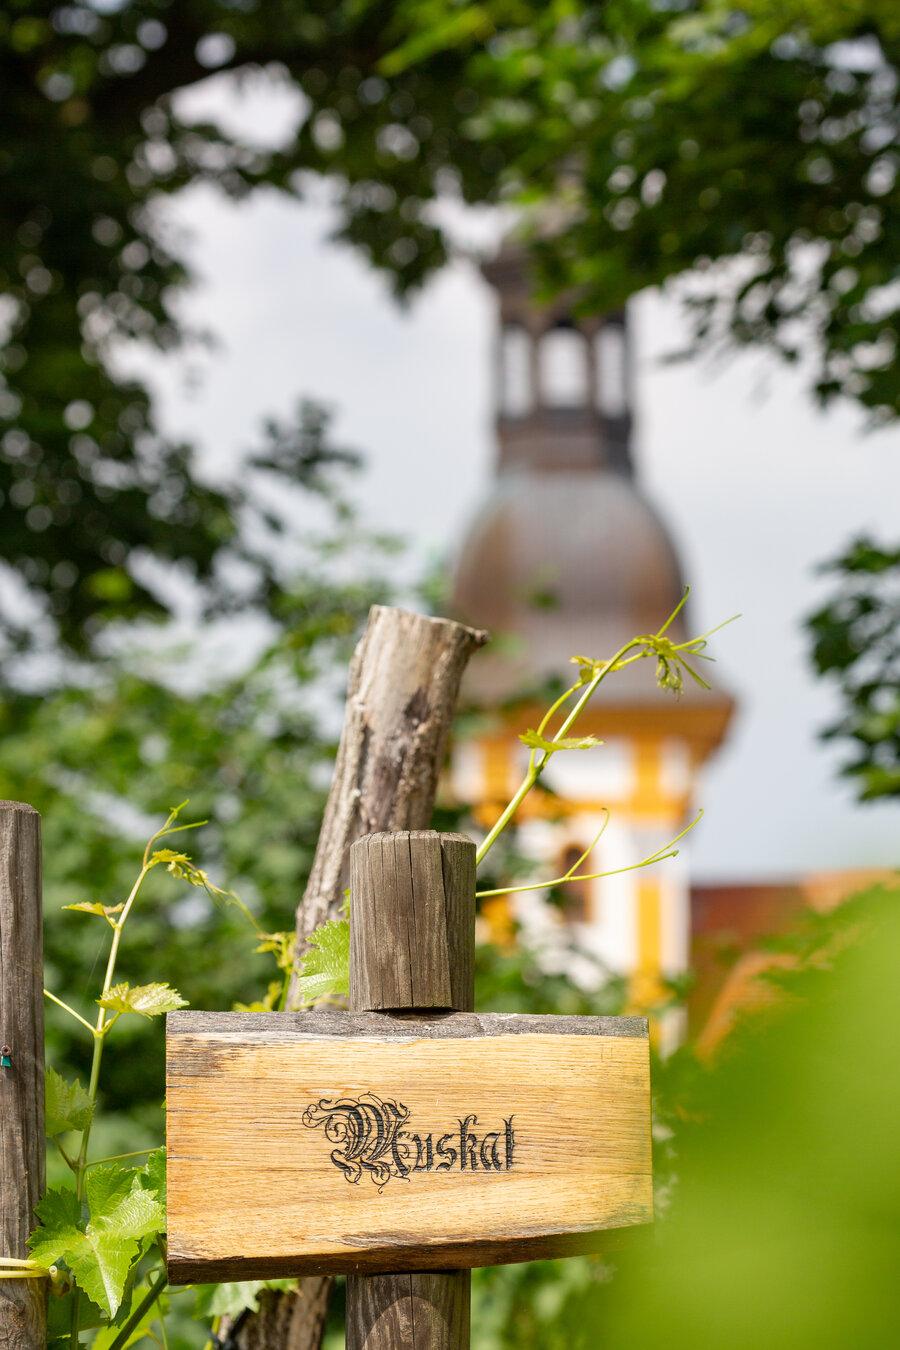 Weinberg Kloster Neuzelle - Fotograf Seeland Oder-Spree/ Florian Läufer